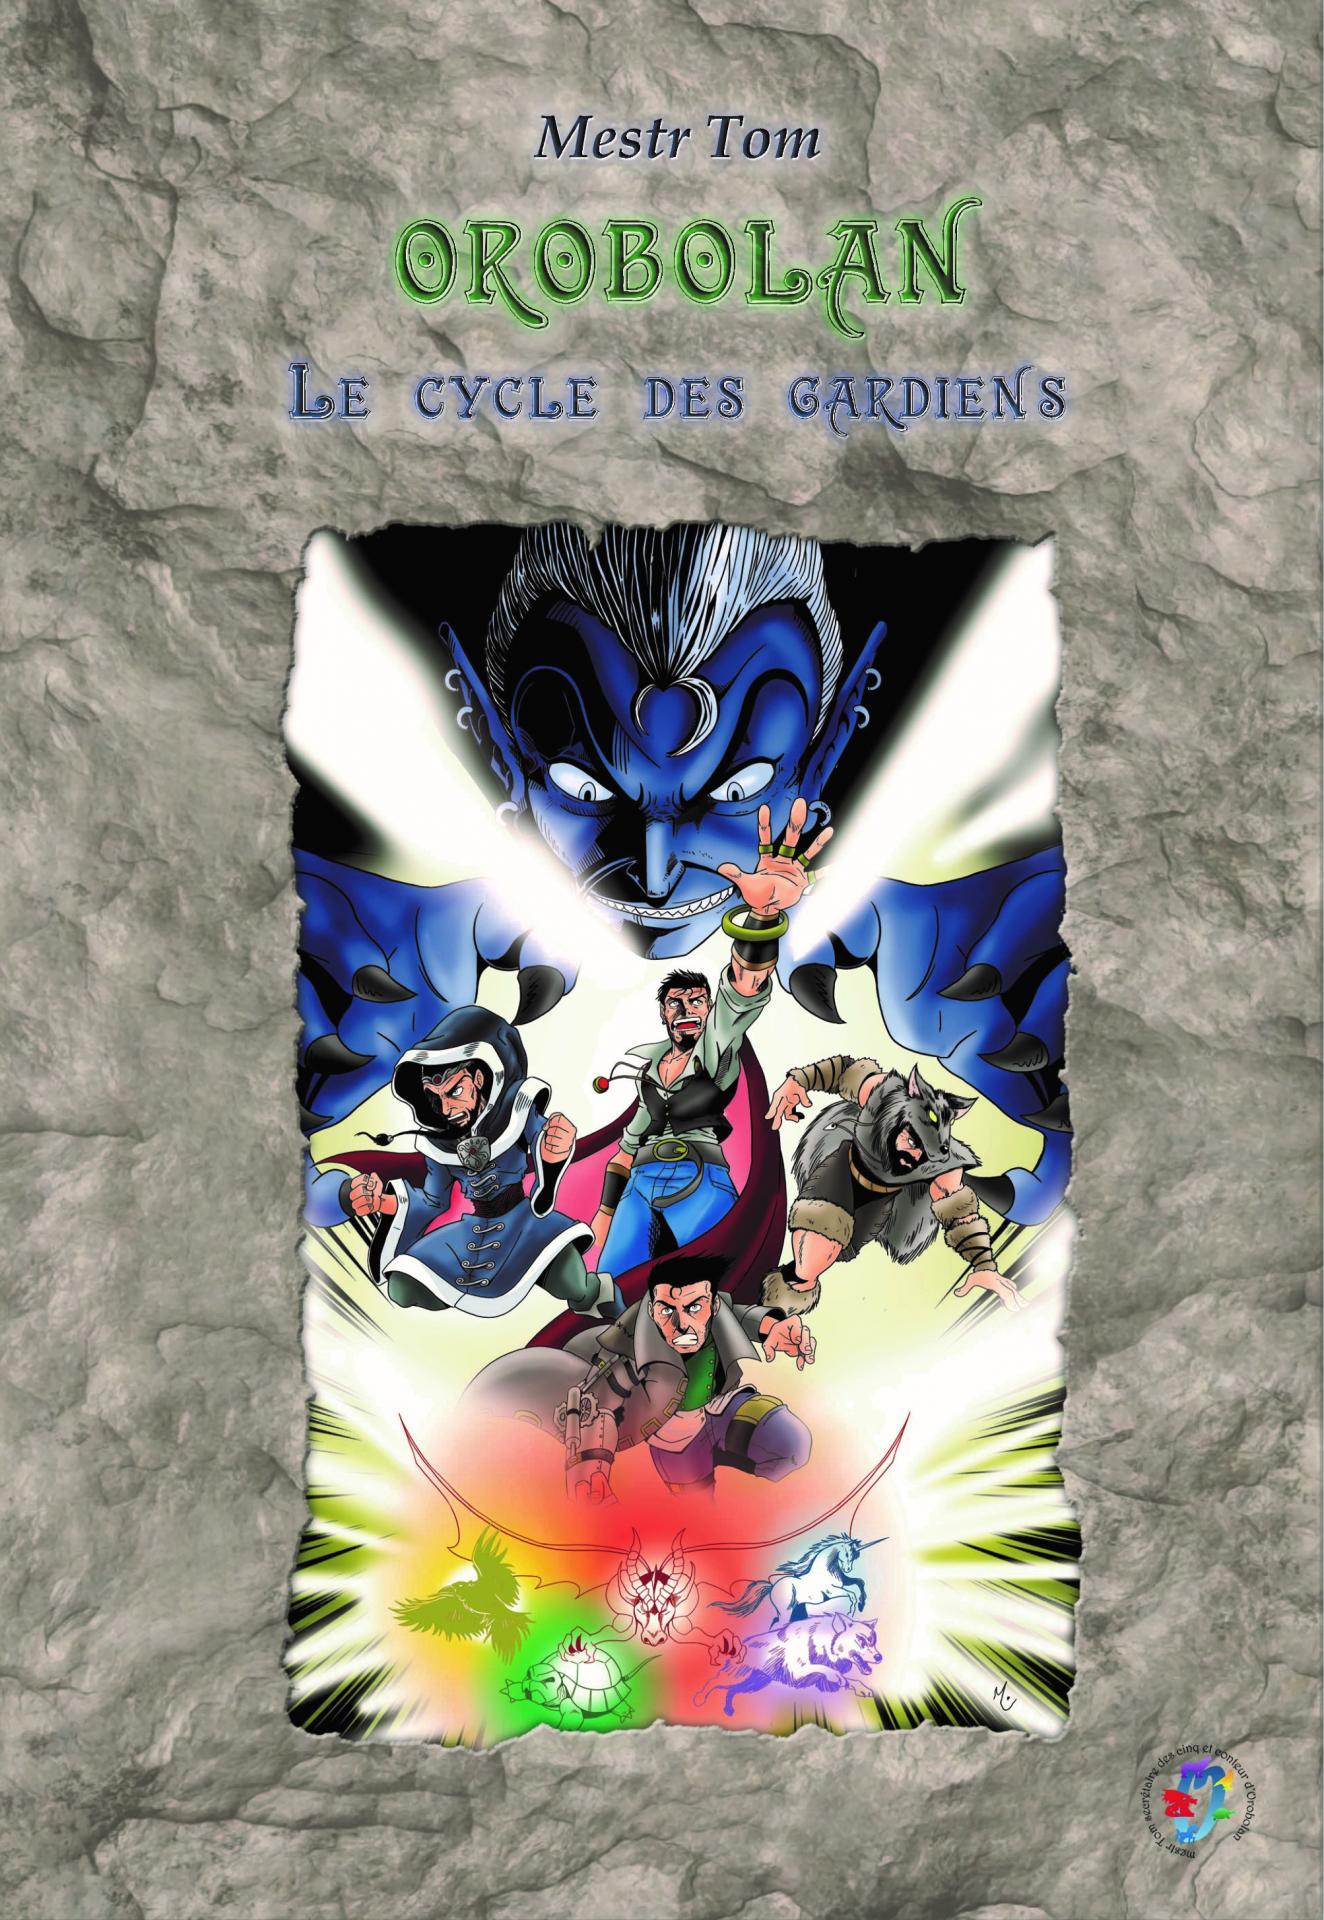 Le Cycle des Gardiens